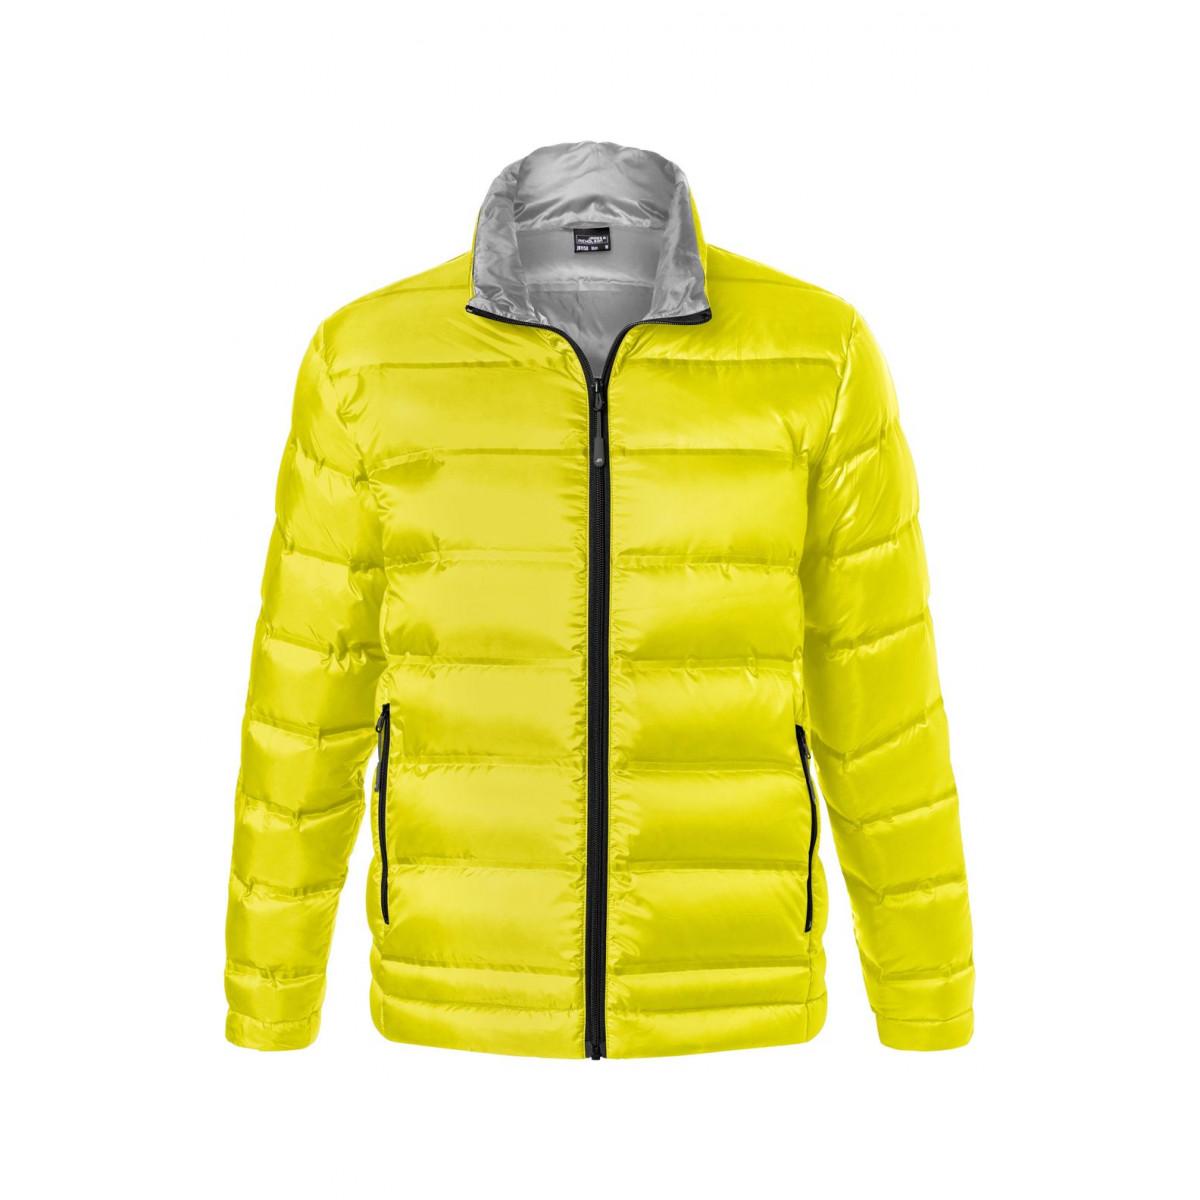 Куртка мужская JN1150 Mens Down Jacket - Желтый/Серебряный